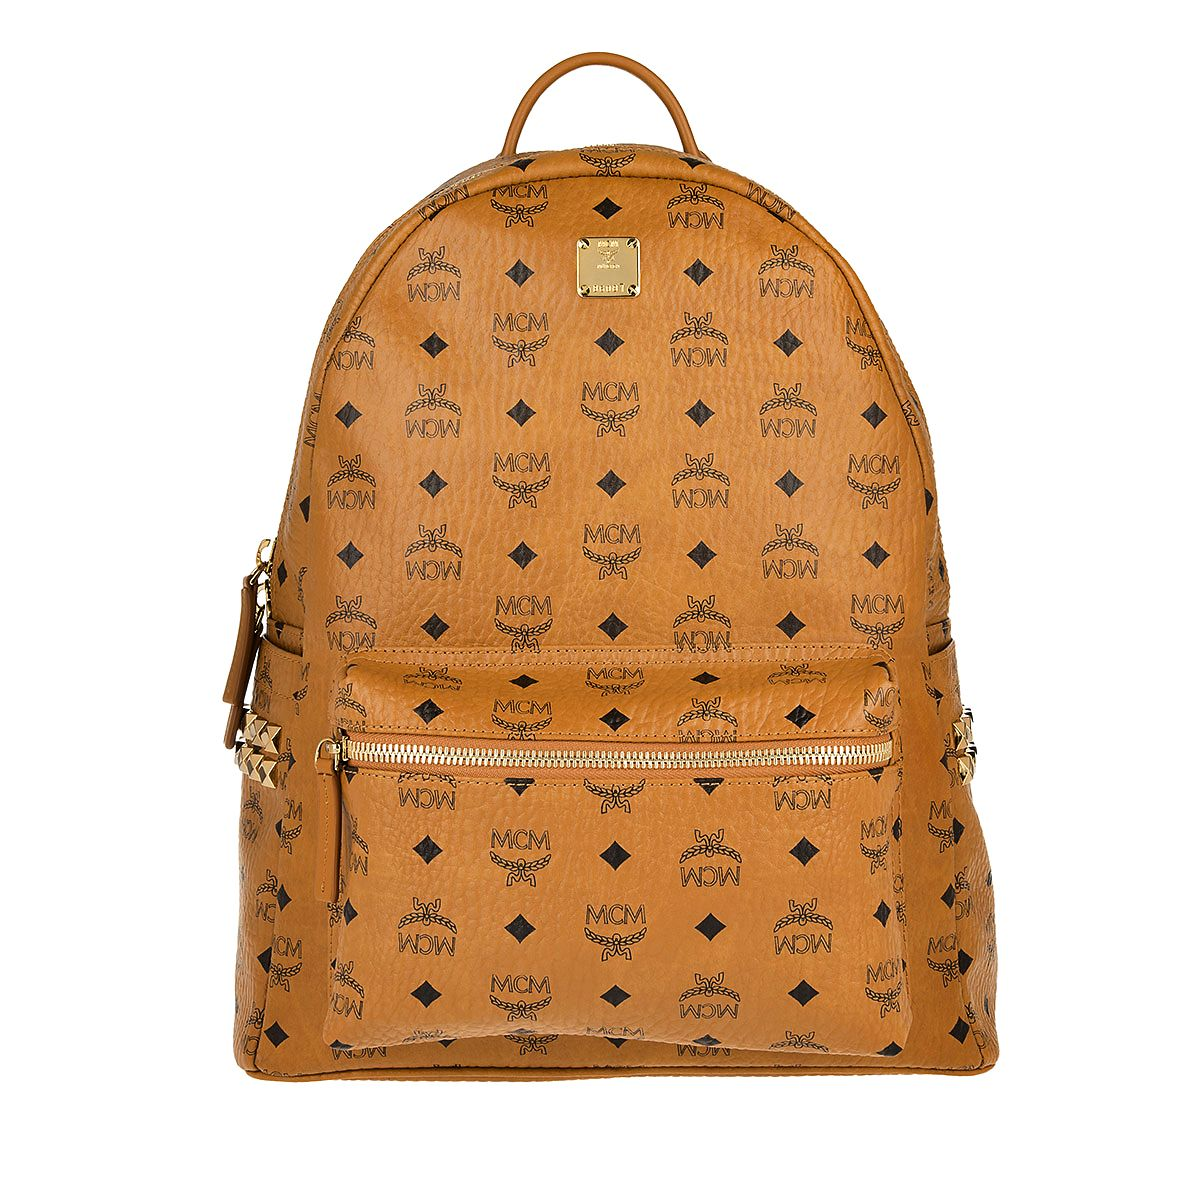 Stark Backpack Medium Cognac (mit Bildern) | Taschen damen